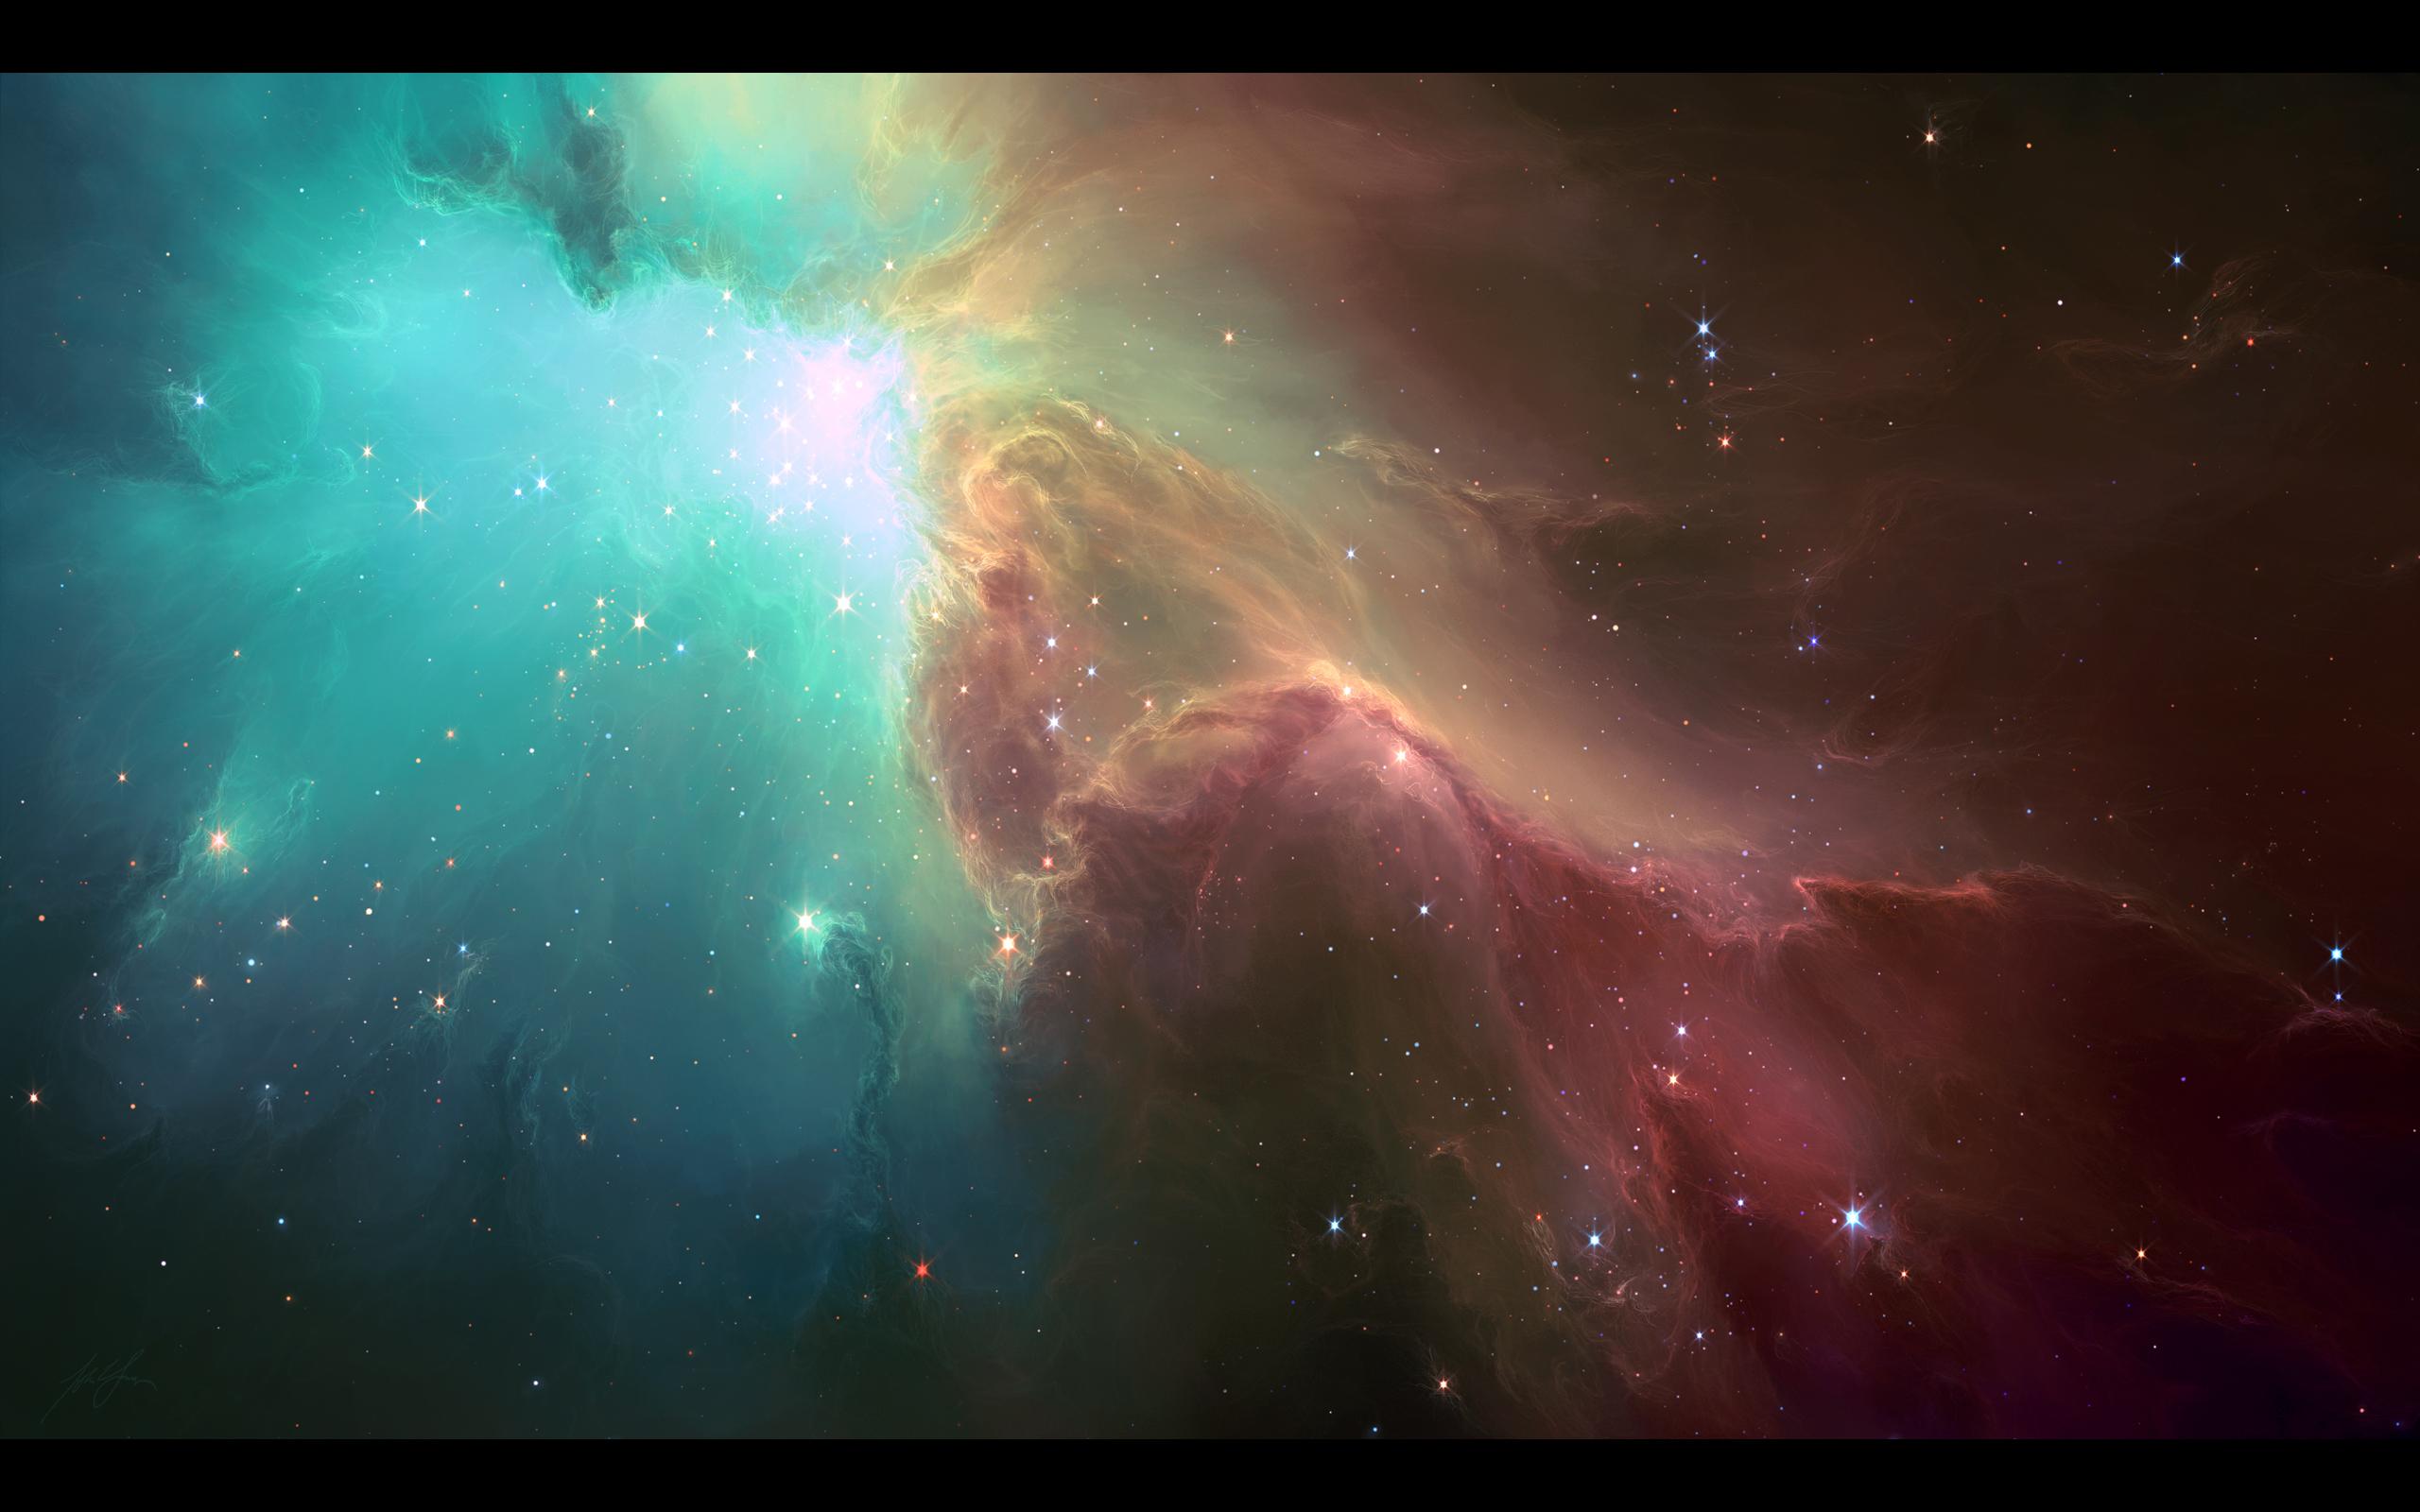 Nebula2000311642 - Nebula - Orbit, Nebula